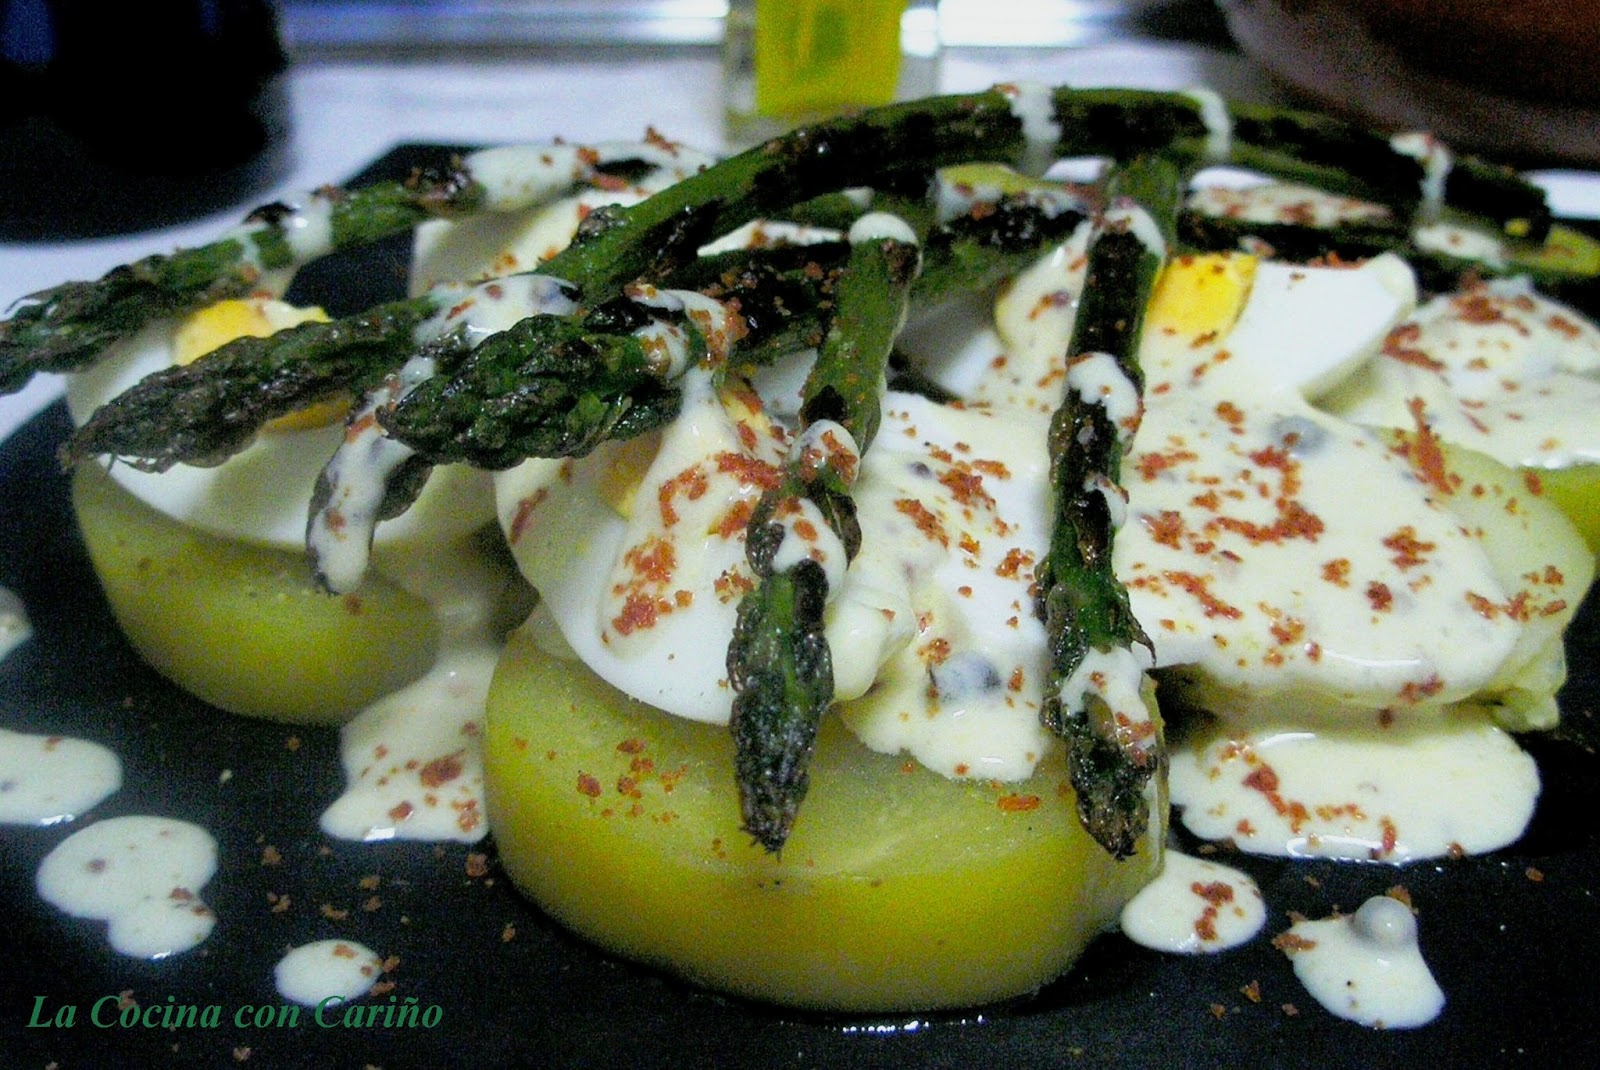 La Cocina con Cariño: ENSALADA DE ESPÁRRAGOS VERDES CON SALSA DE ...